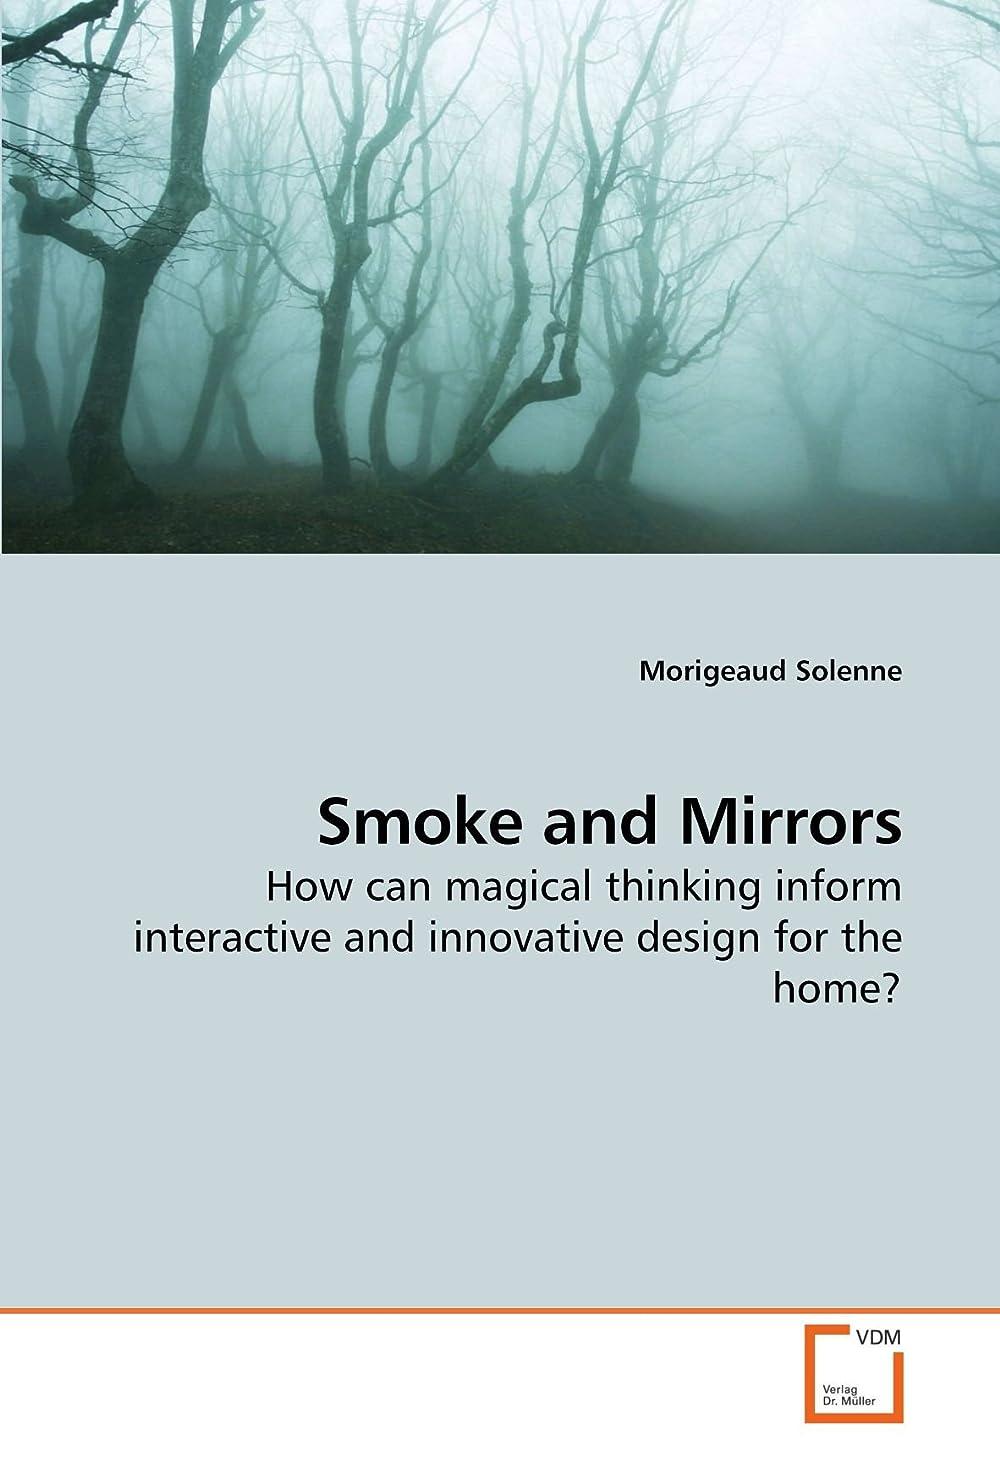 侵略羽解決するSmoke and Mirrors: How can magical thinking inform interactive and innovative design for the home?